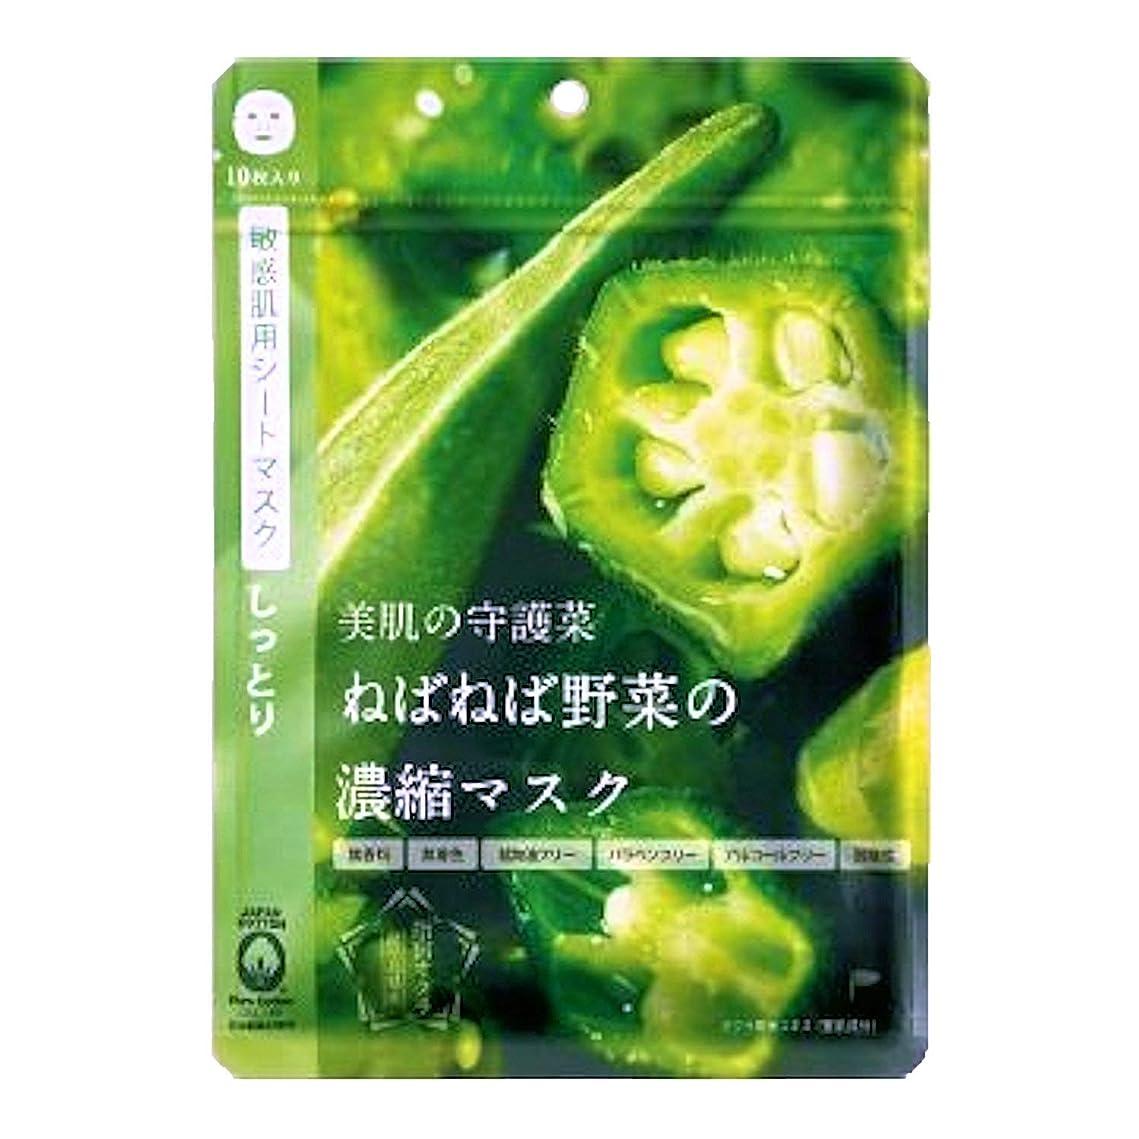 なにショートカットマングル@cosme nippon 美肌の守護菜 ねばねば野菜の濃縮マスク 指宿オクラ 10枚入り 160ml